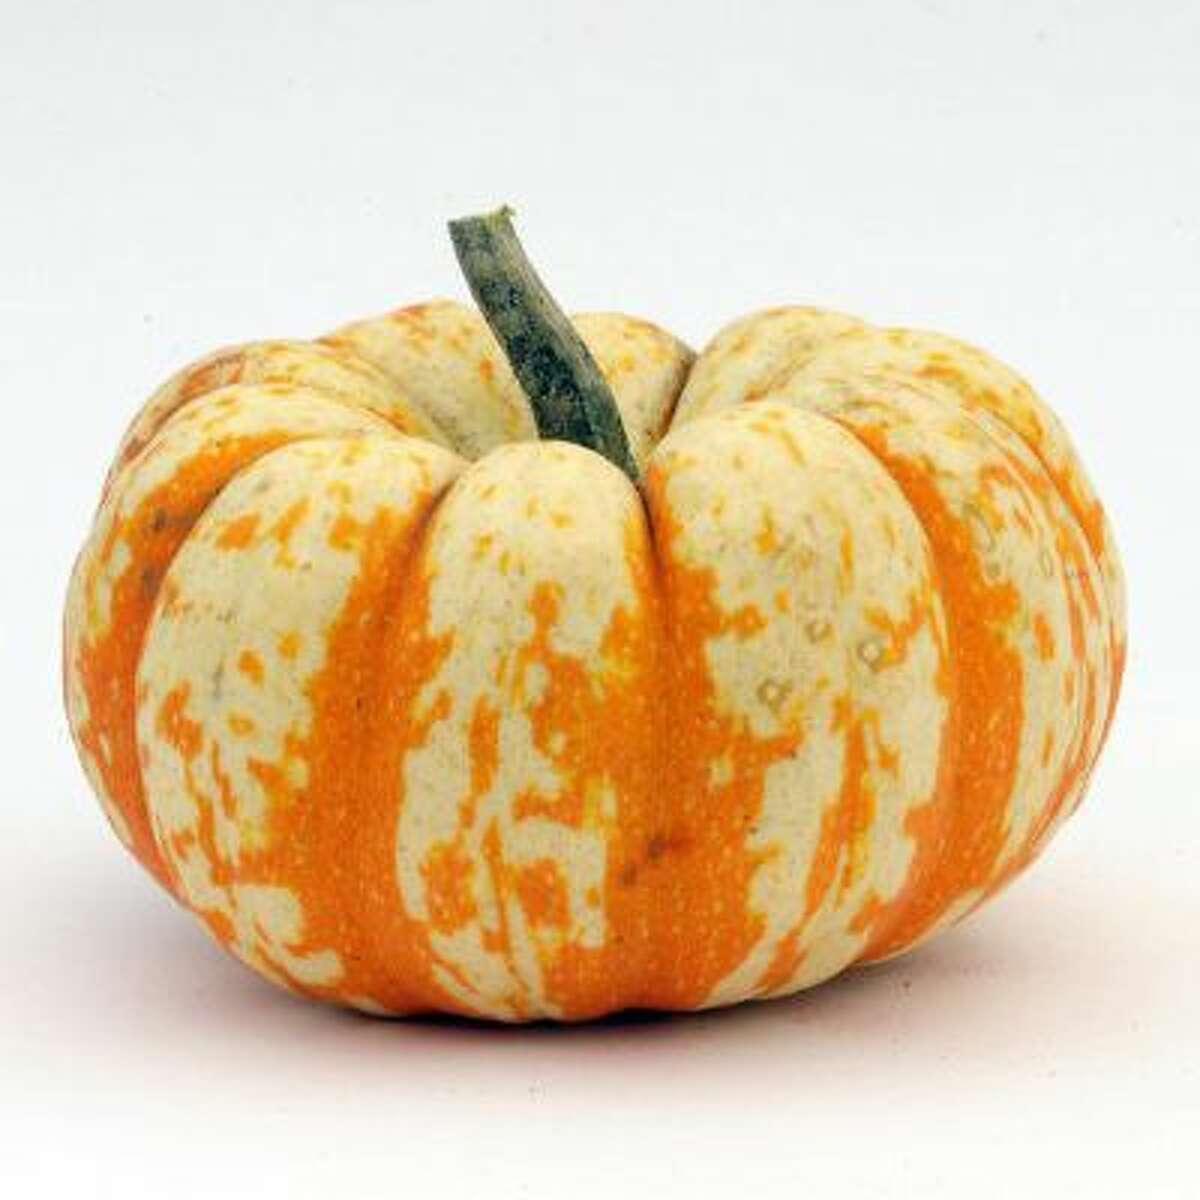 Lil' Pumpkemon pumpkin.